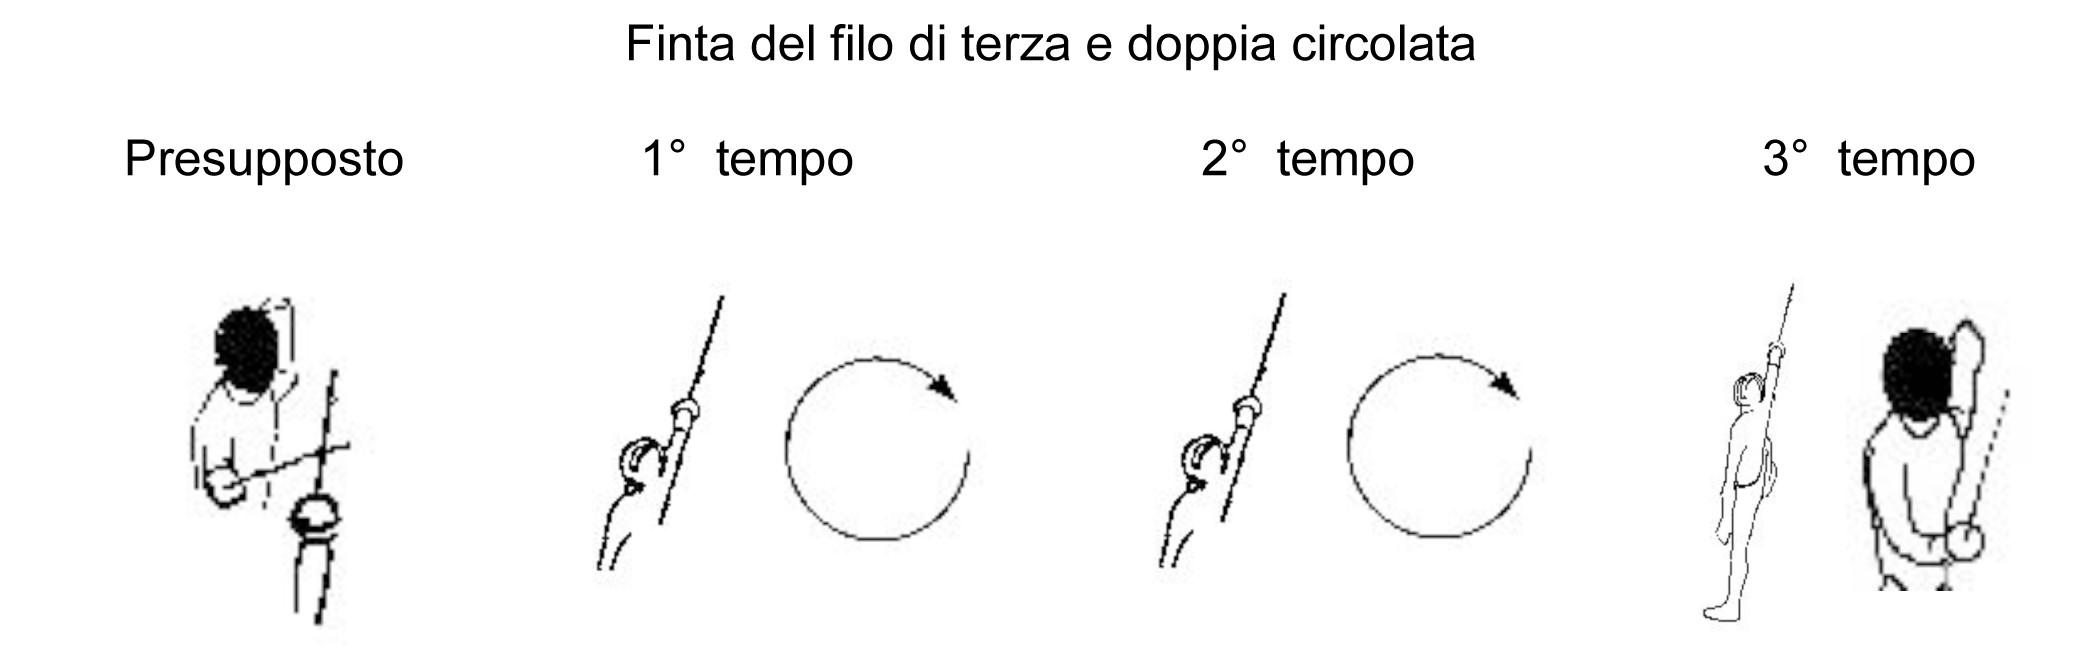 finta-del-filo-di-terza-e-doppia-circolata